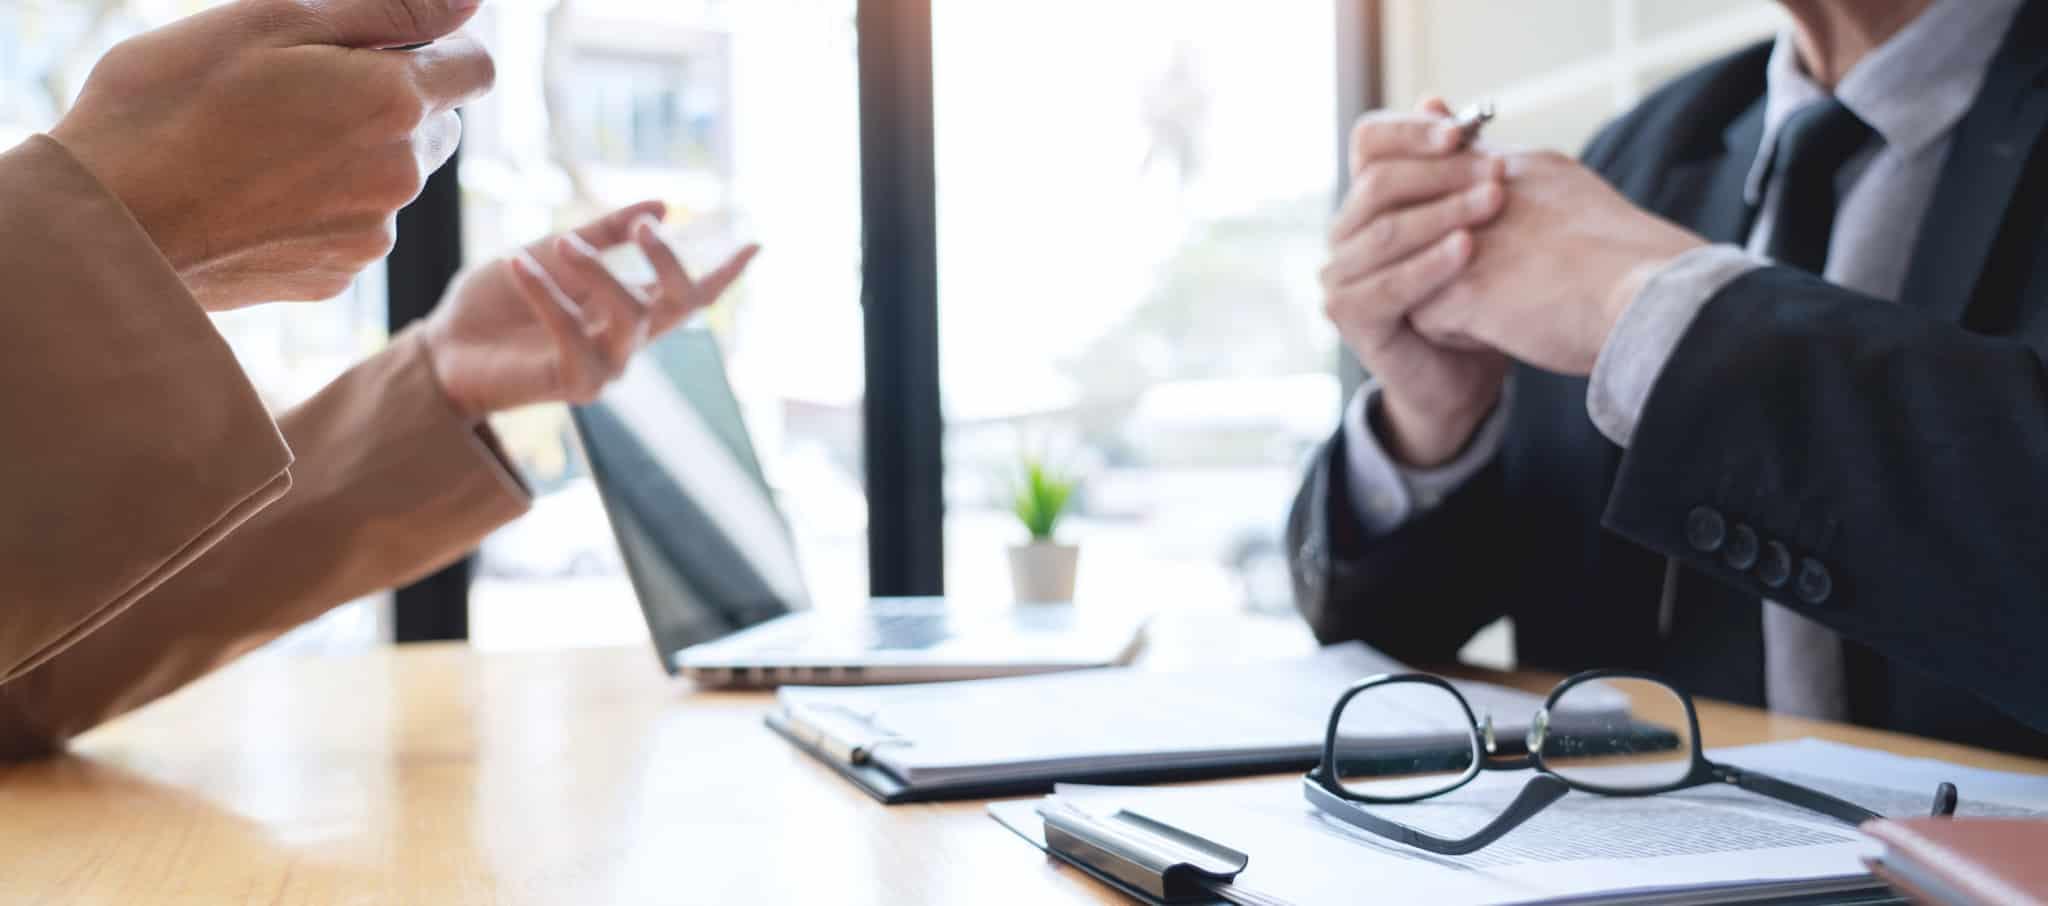 dois-homens-a-negociar-numa-mesa-de-escritorio